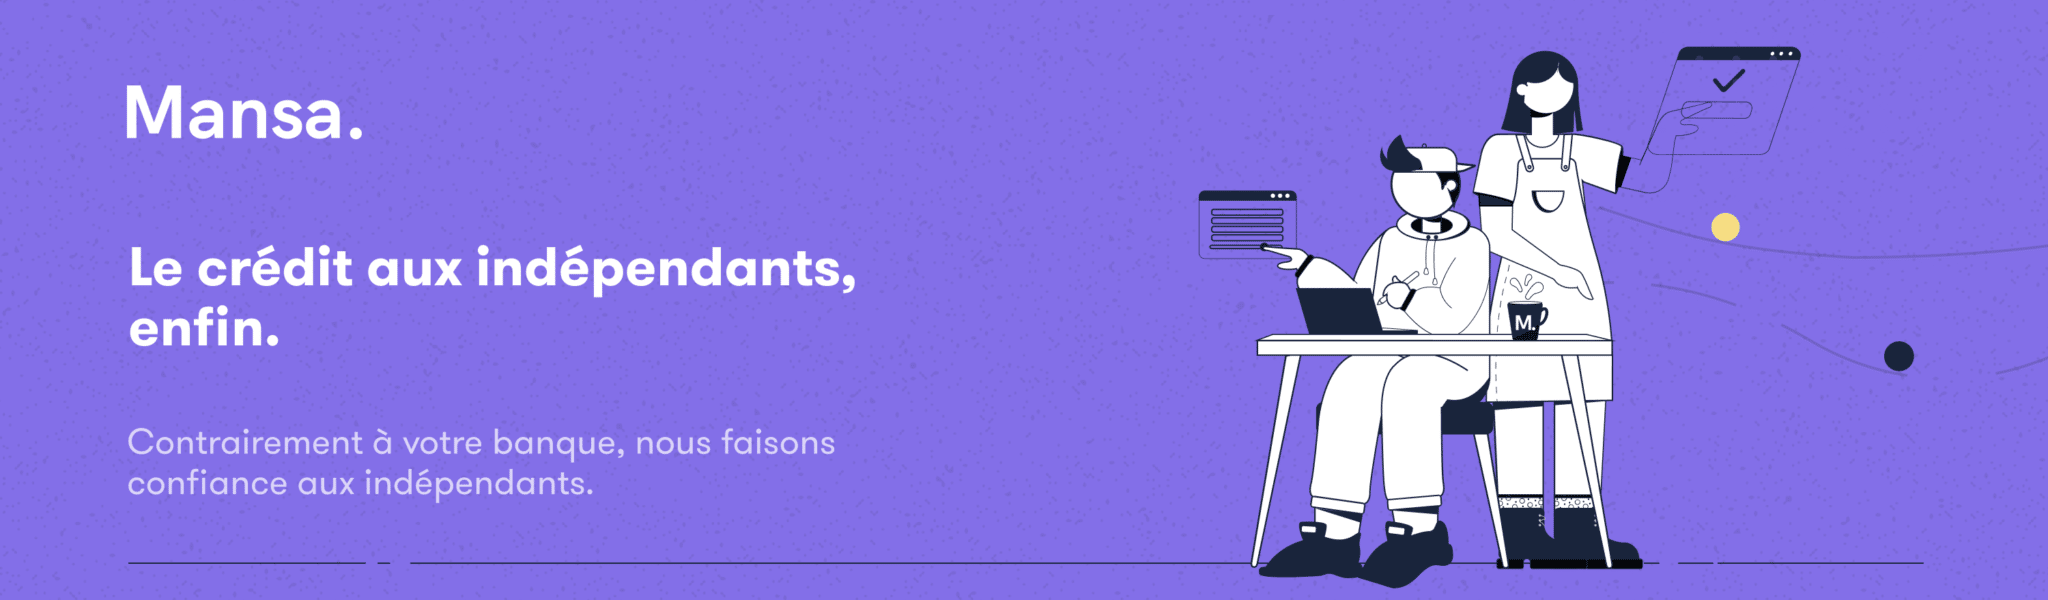 Mansa, la fintech qui facilite le crédit aux freelances